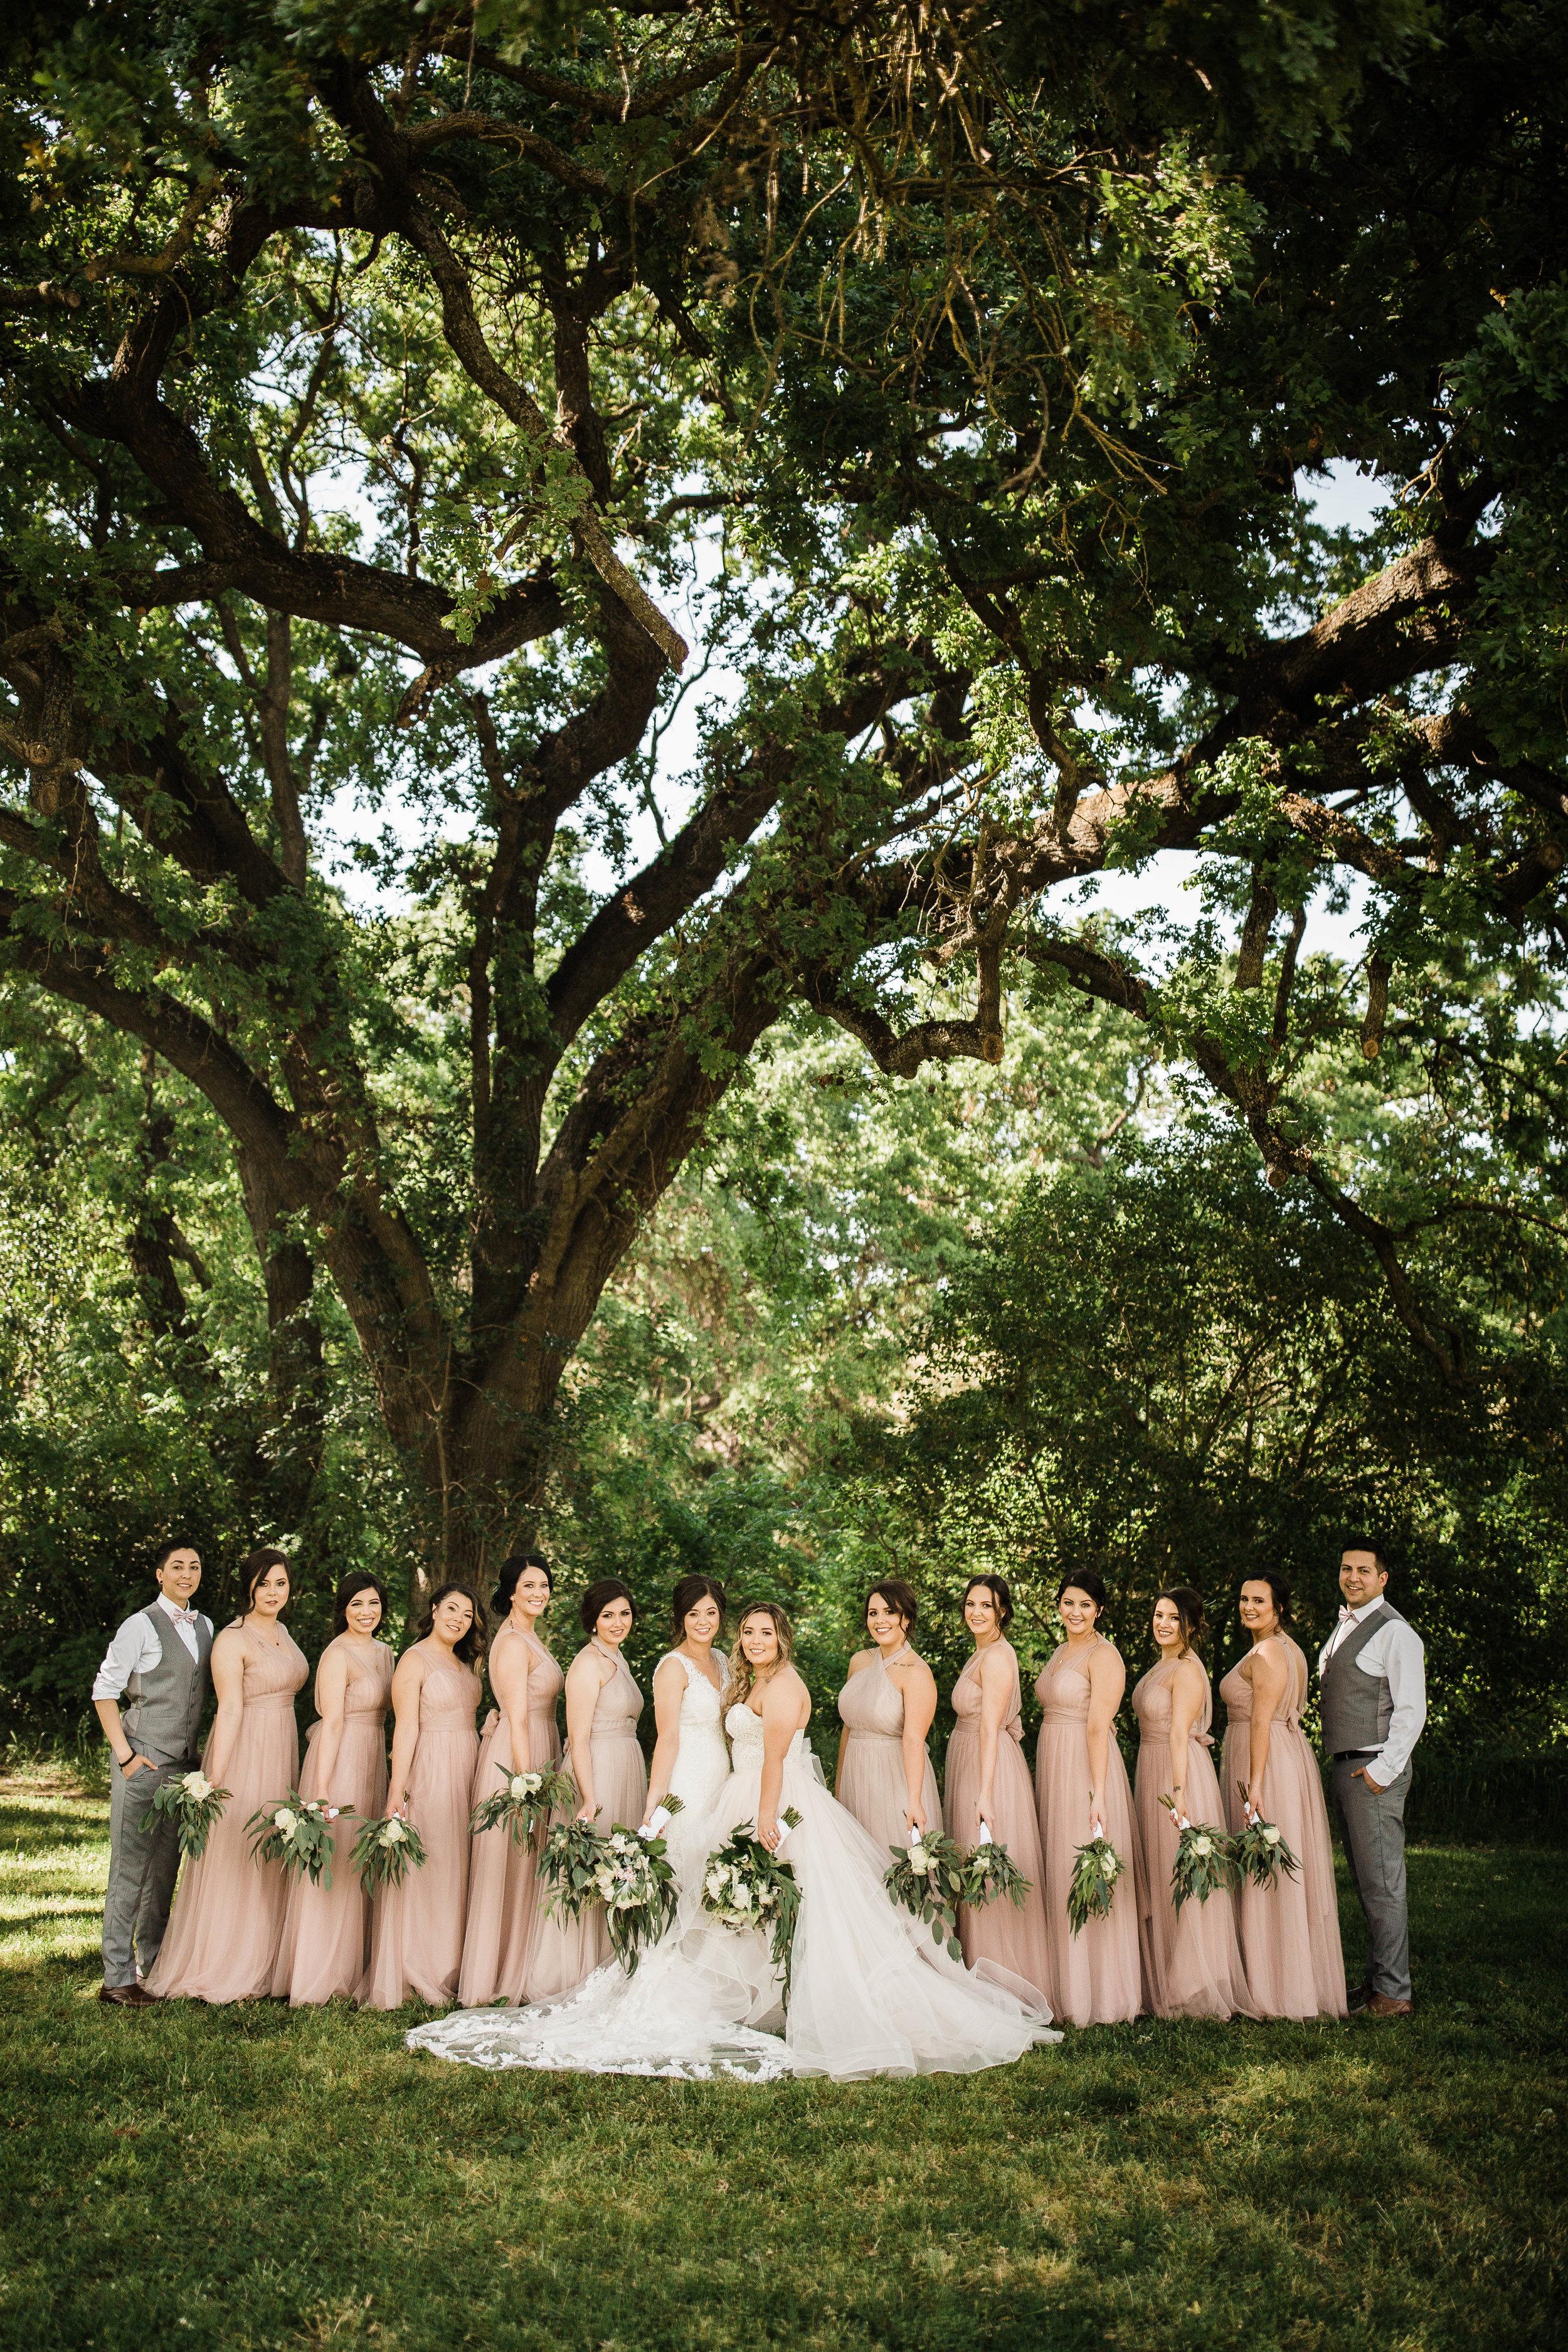 Kelsee&Yudith'sbackyardintimatewedding(237of646).jpg